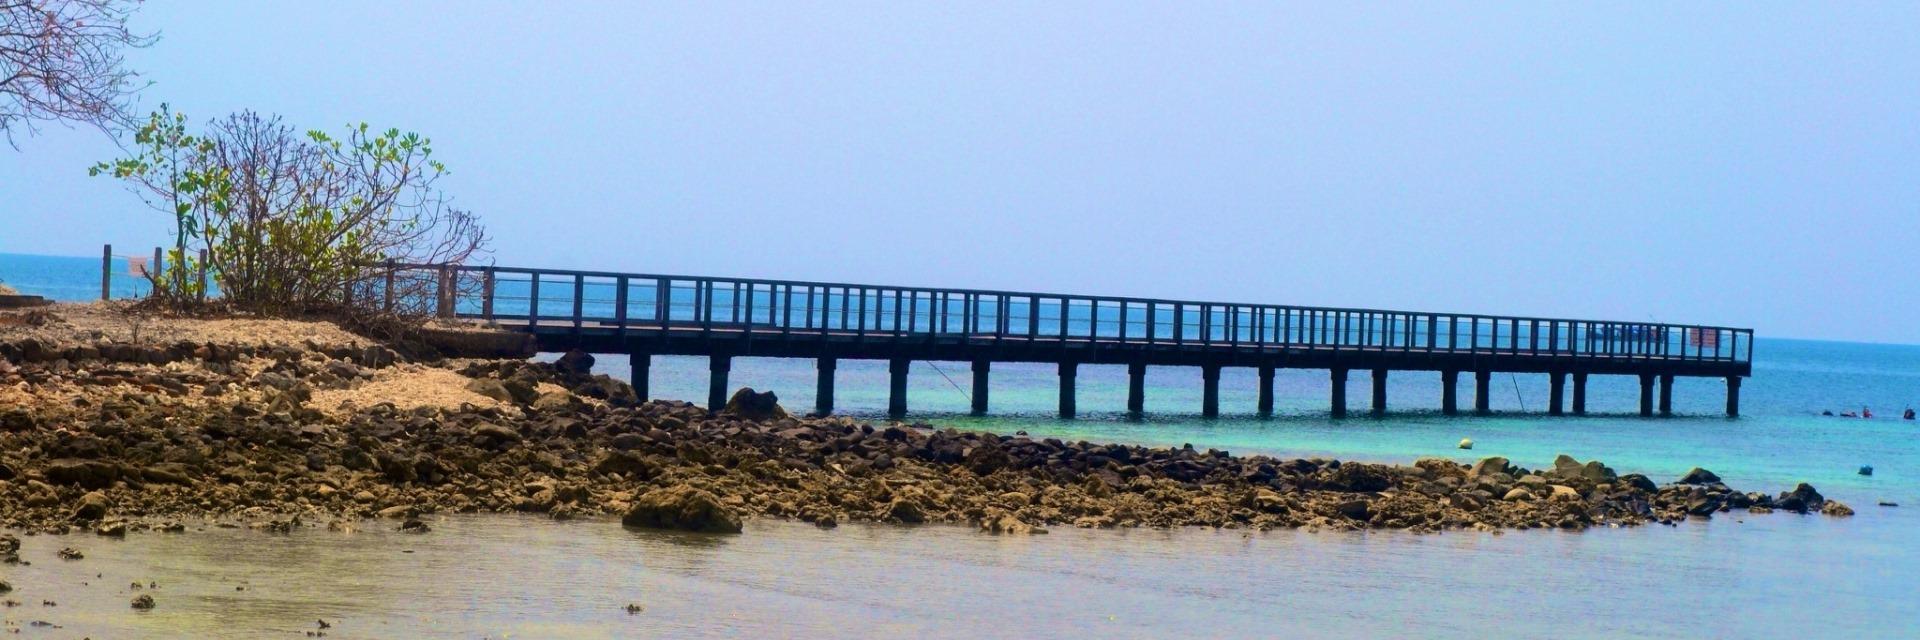 Di Pantai Tanjung Lesung, Kamu Bisa Membuang Kenangan Manismu Bersama Dia yang Telah Berkhianat